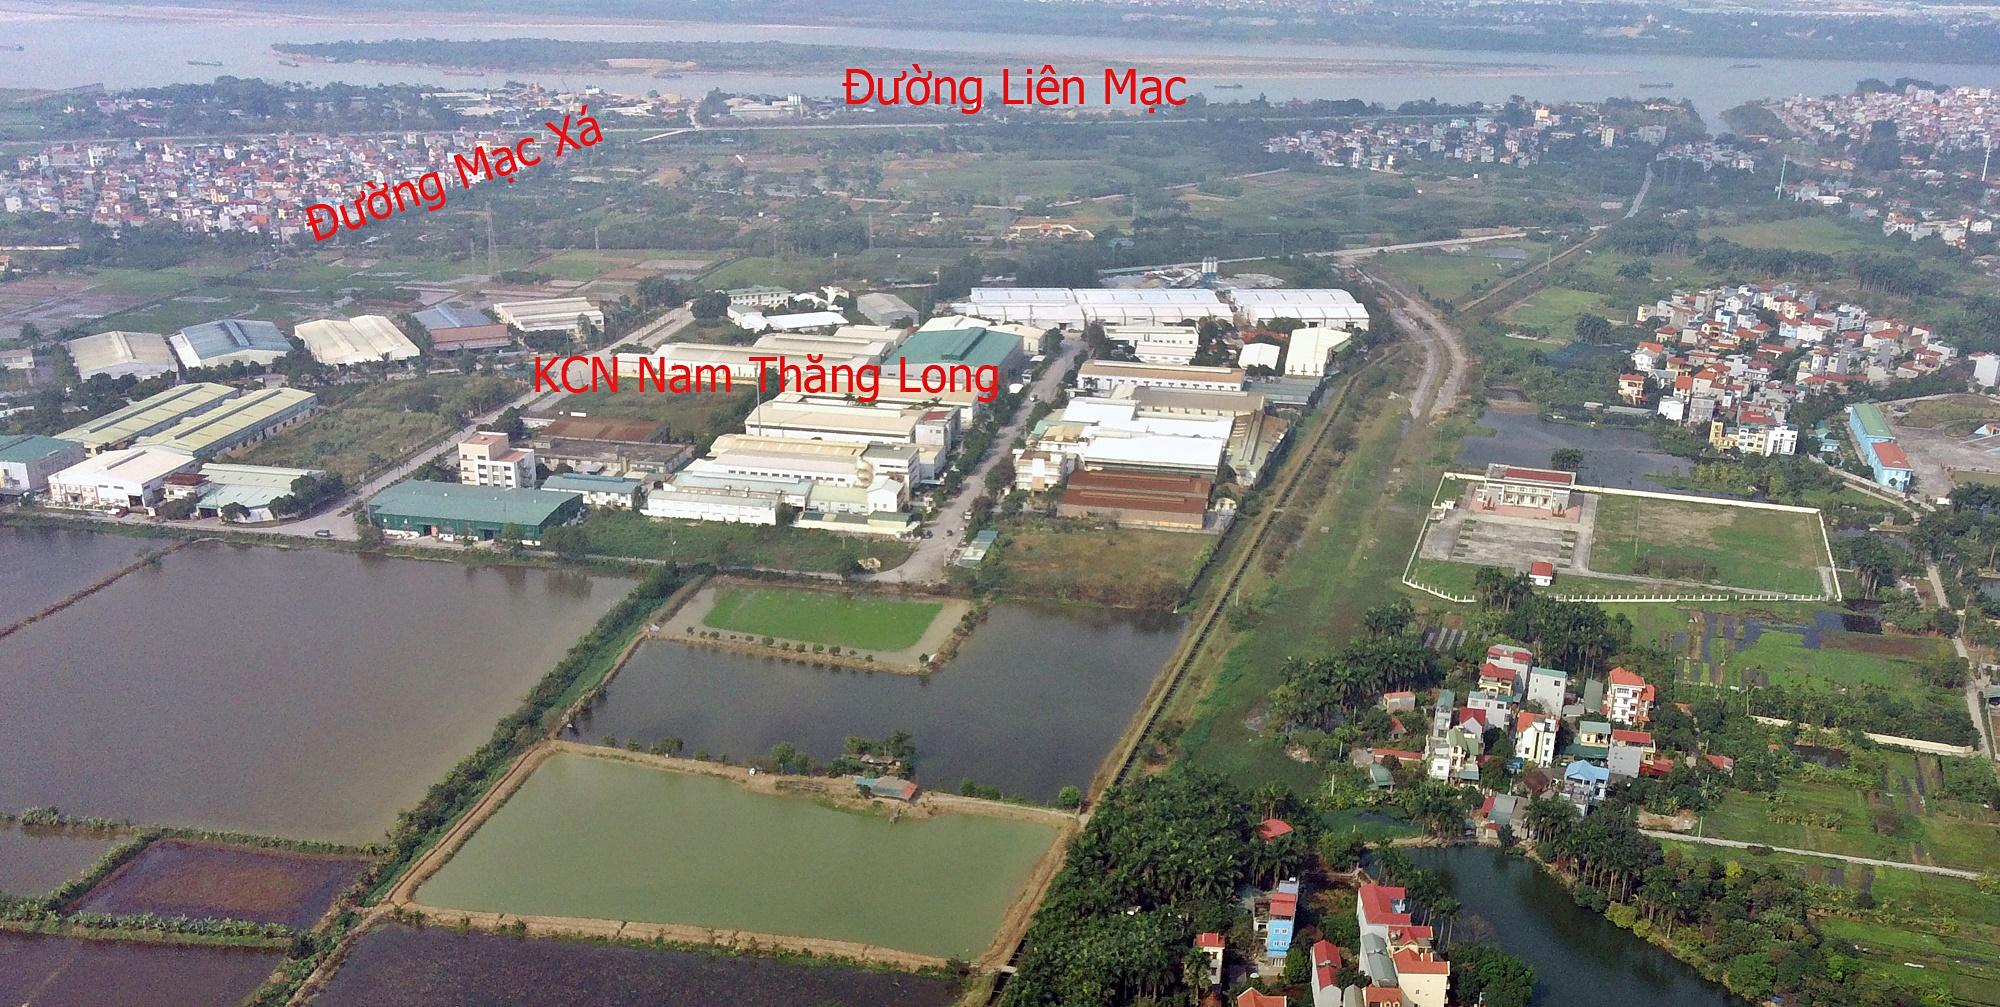 Những mảnh đất sẽ được đào hồ lớn ở quận Bắc Từ Liêm - Ảnh 1.